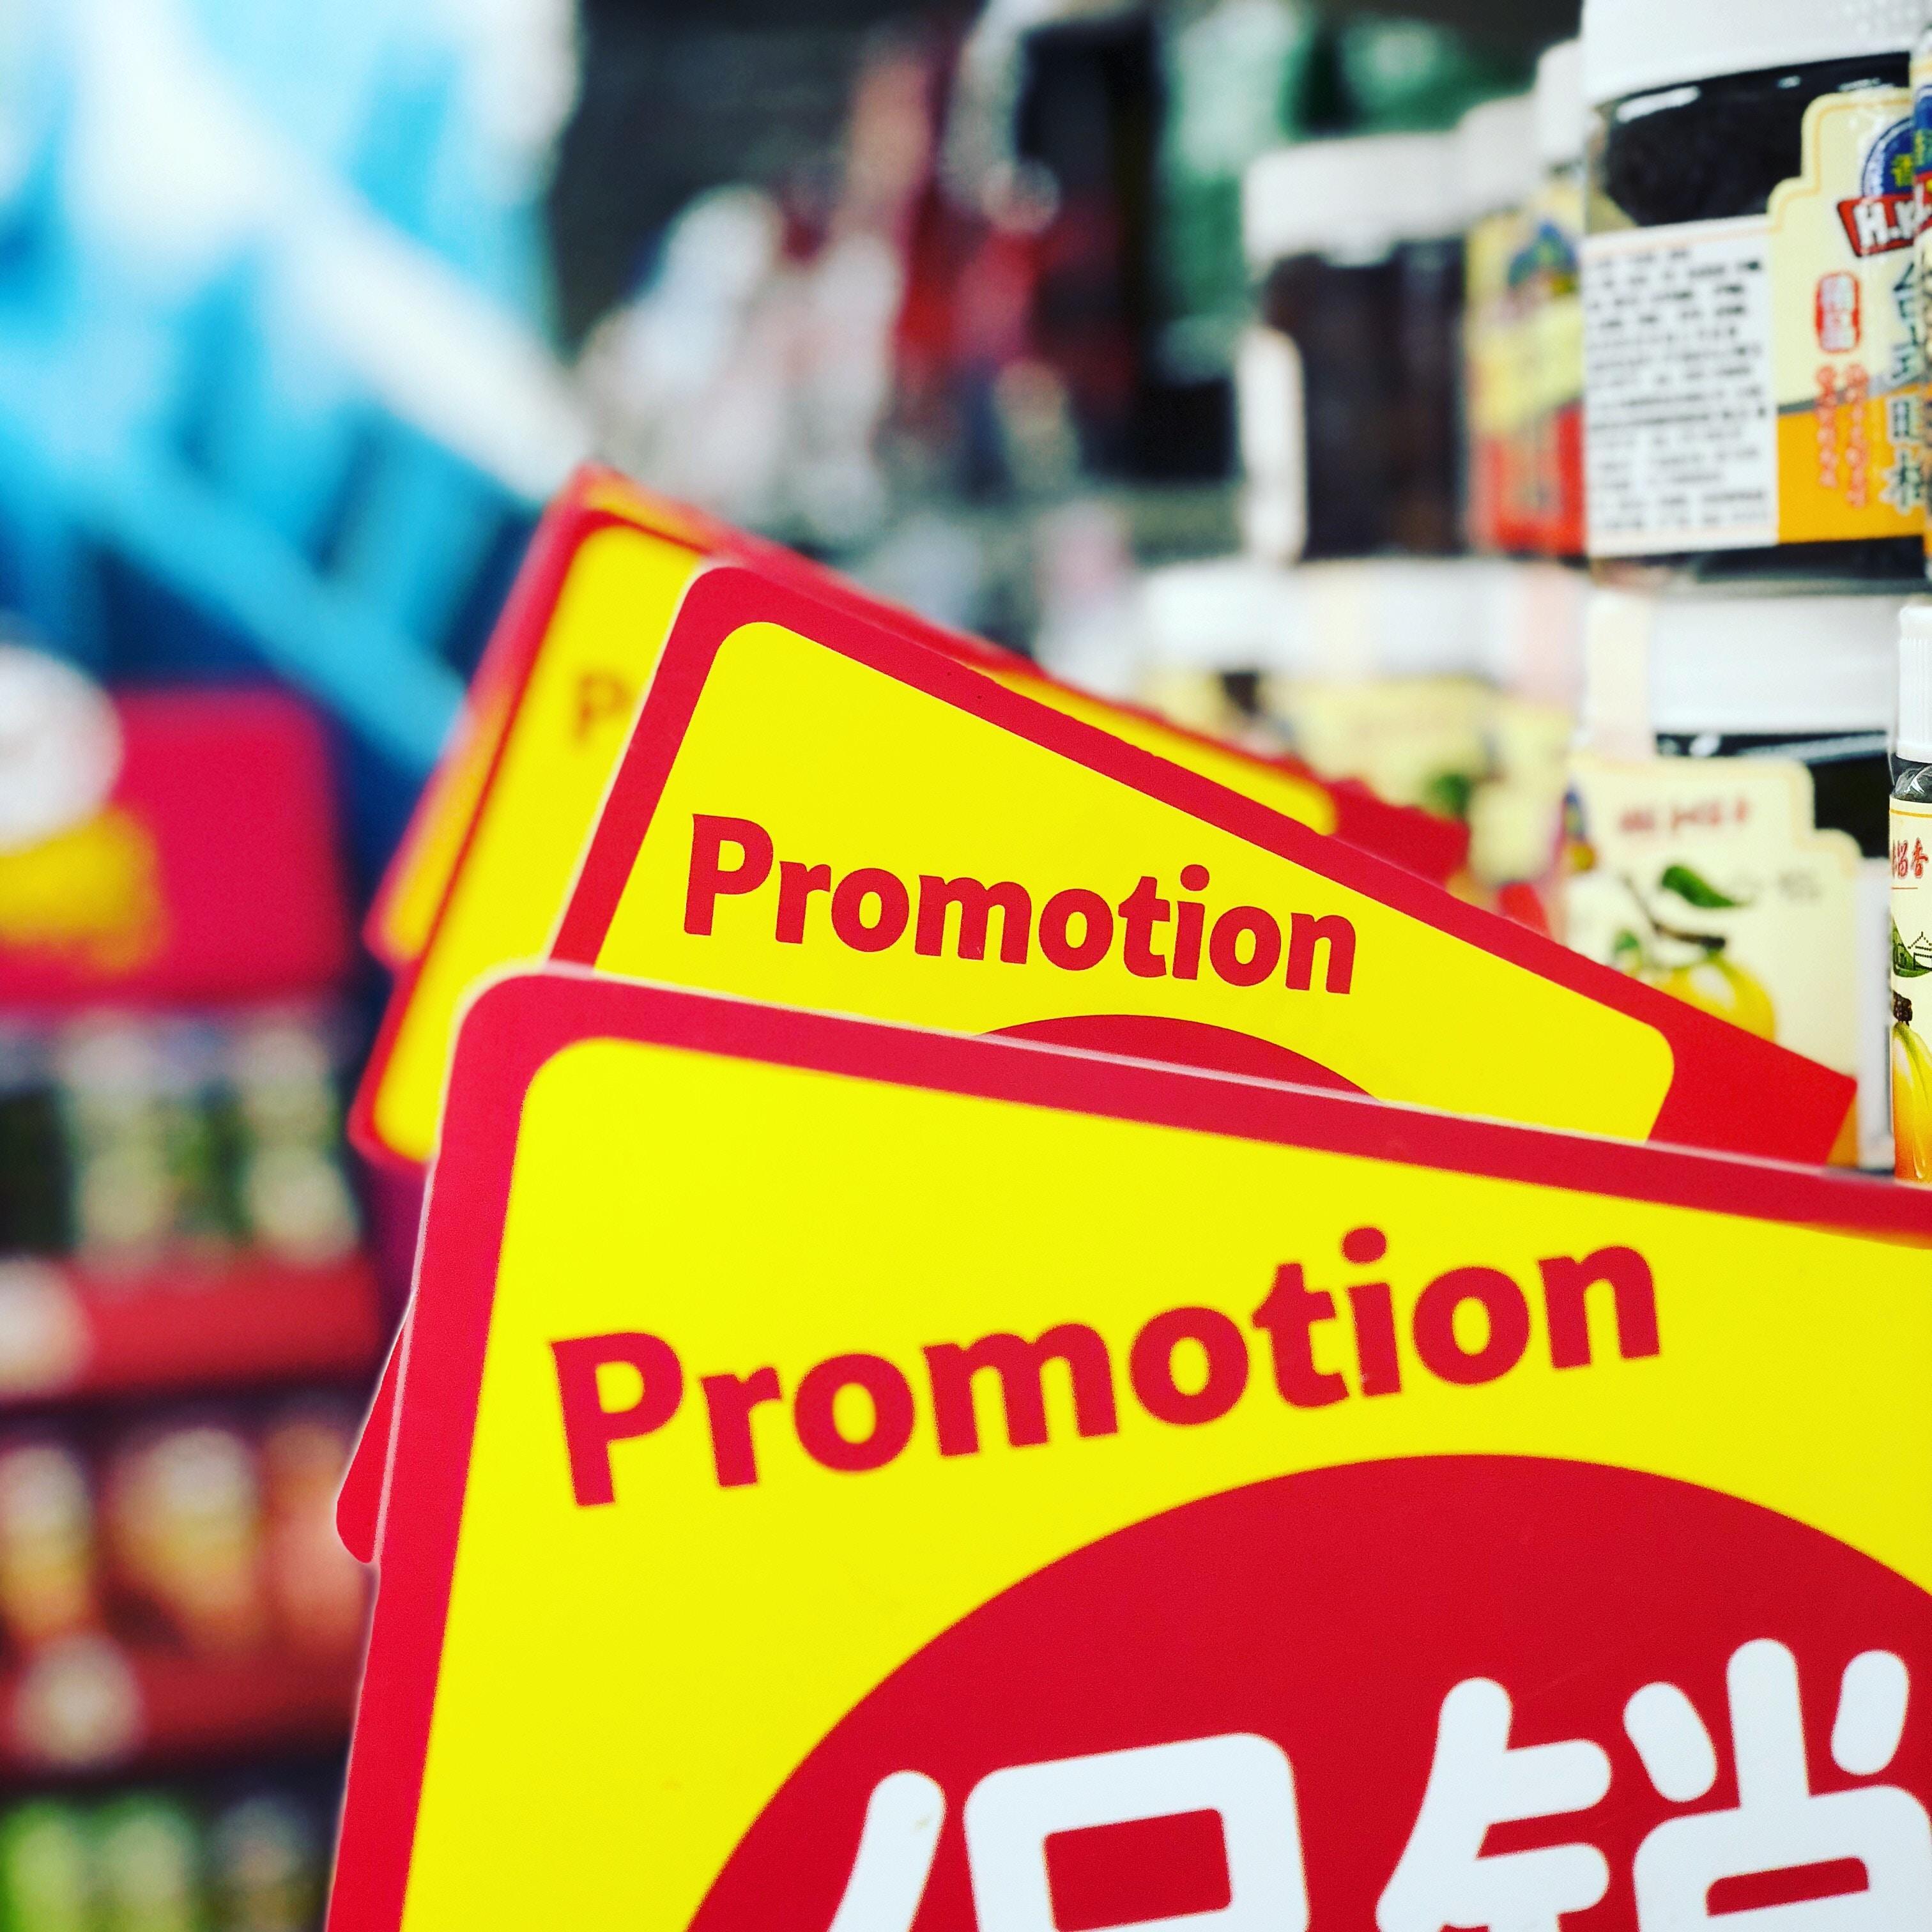 e-shop psychology marketing